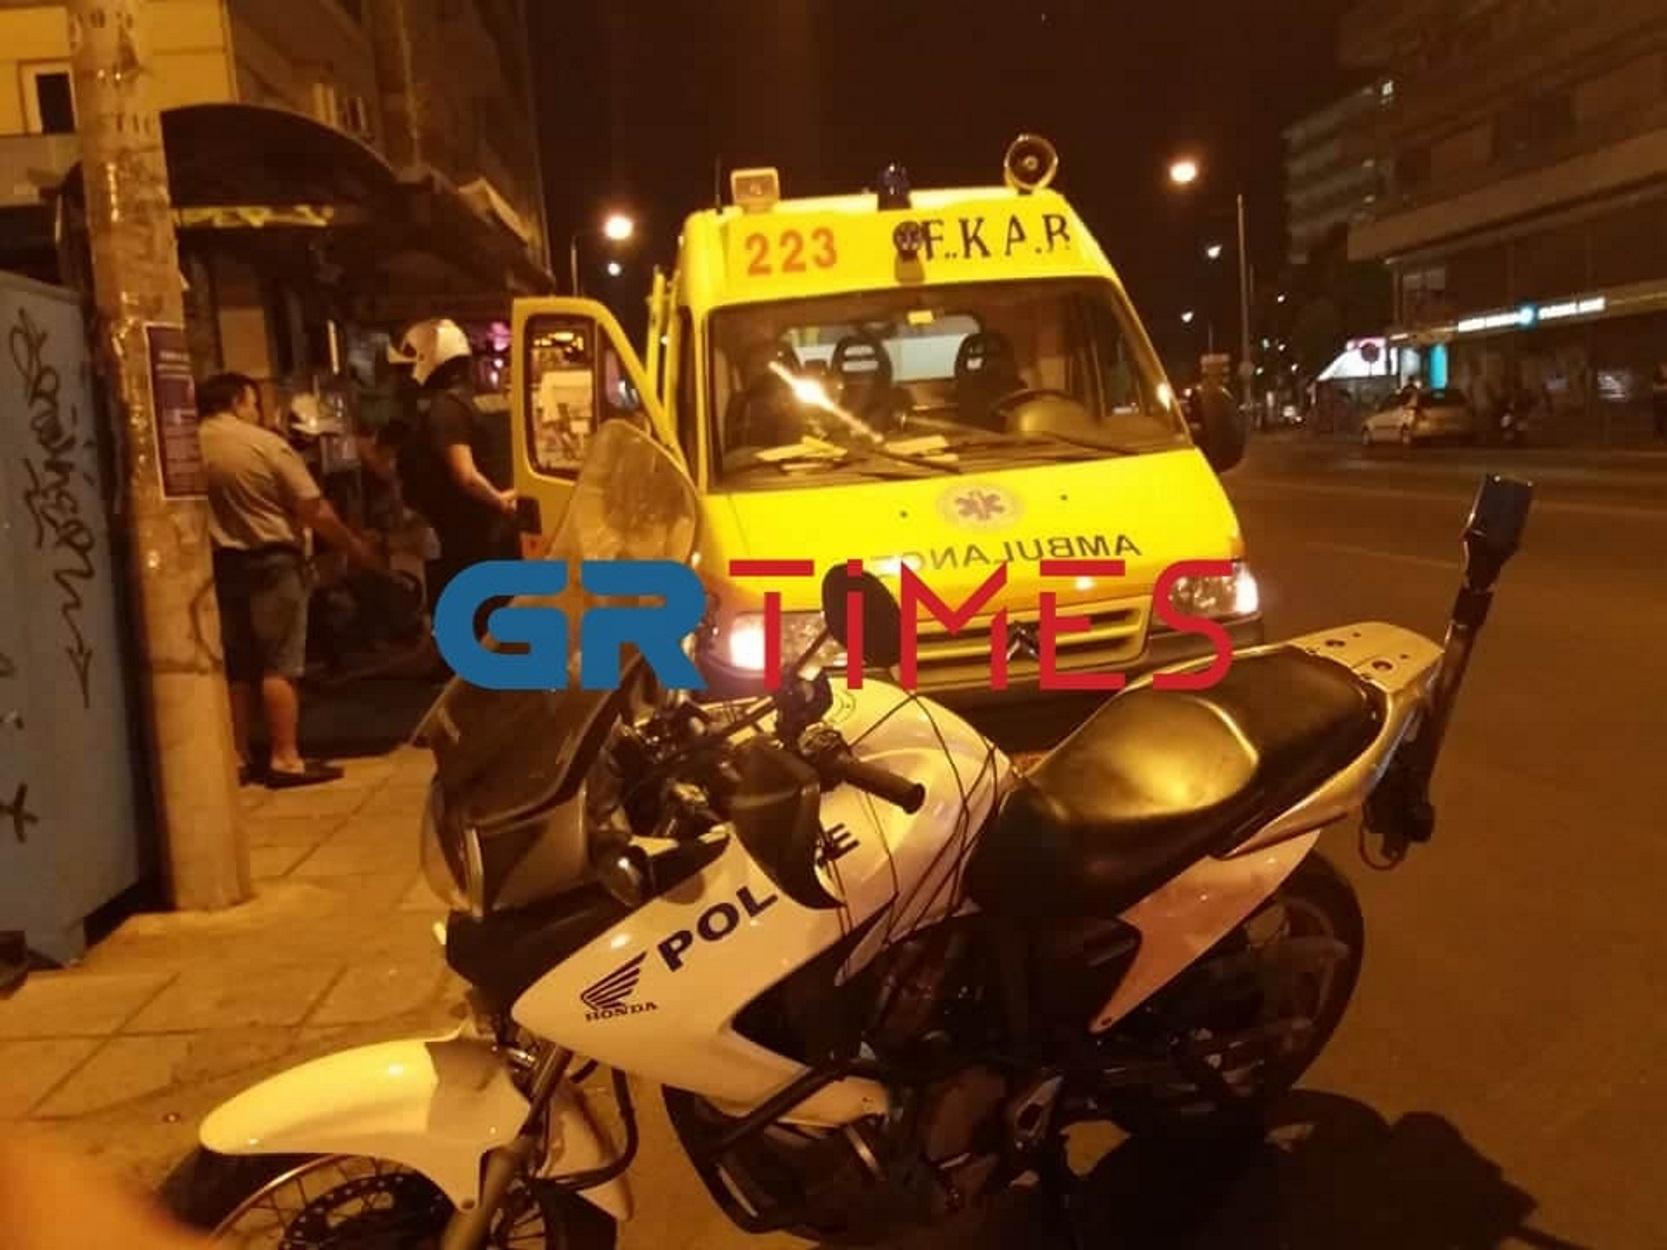 """Σοκ στη Θεσσαλονίκη: Νεκρός σε στάση λεωφορείου – """"Σφάδαζε και φώναζε βοήθεια"""" (pics)"""